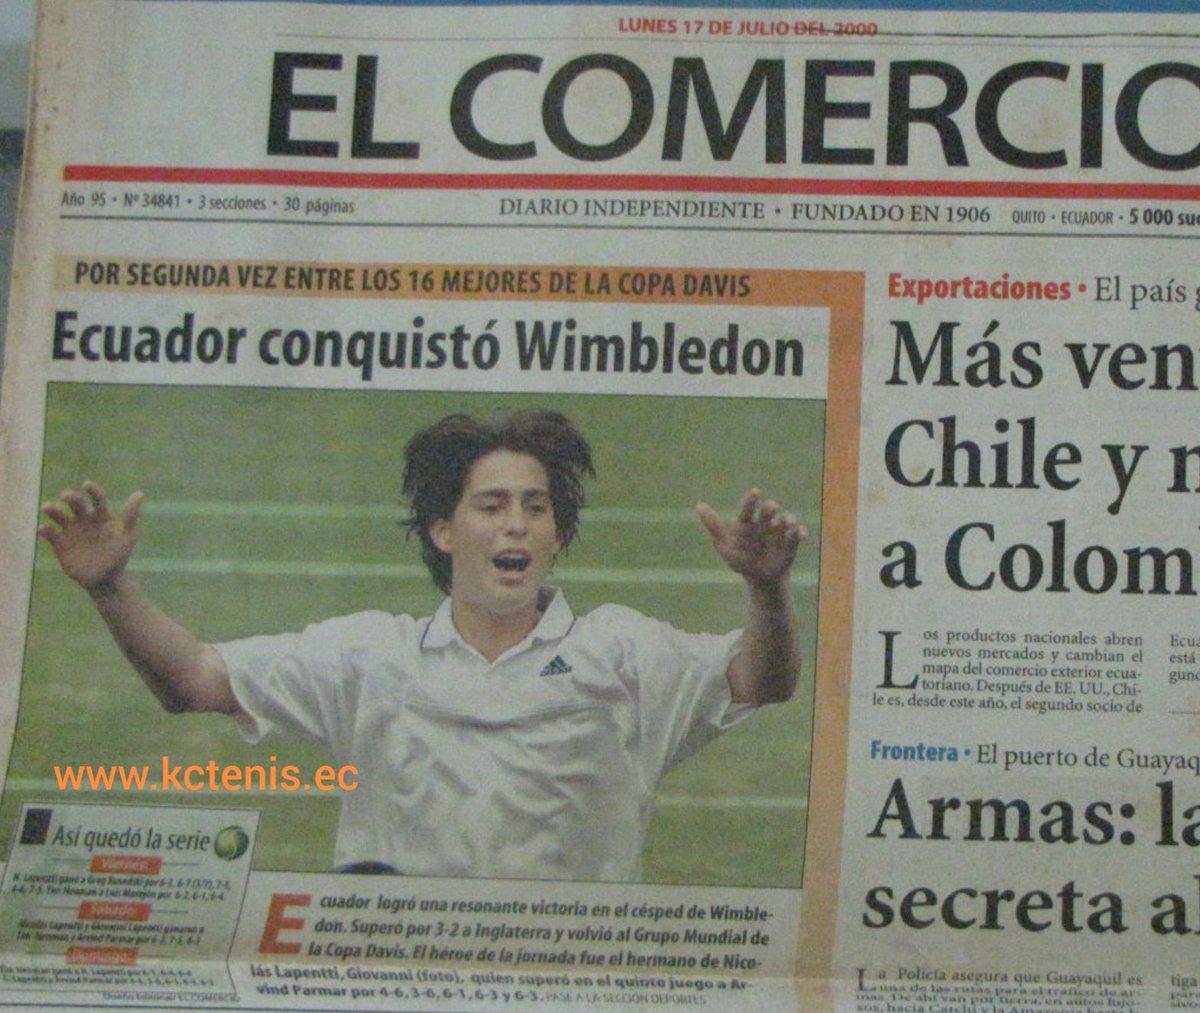 #EfeméridesKCtenis 25 enero, 1983 nació @Giovalapentti protagonista de uno de los grandes triunfos del deporte ecuatoriano #Catedralazo Ganó 19 p en #CopaDavis (al chino Ríos). Campeón de 10 Challengers #110 ATP. Como doblista juvenil ganó #Wimbledon y finalista #AustralianOpen